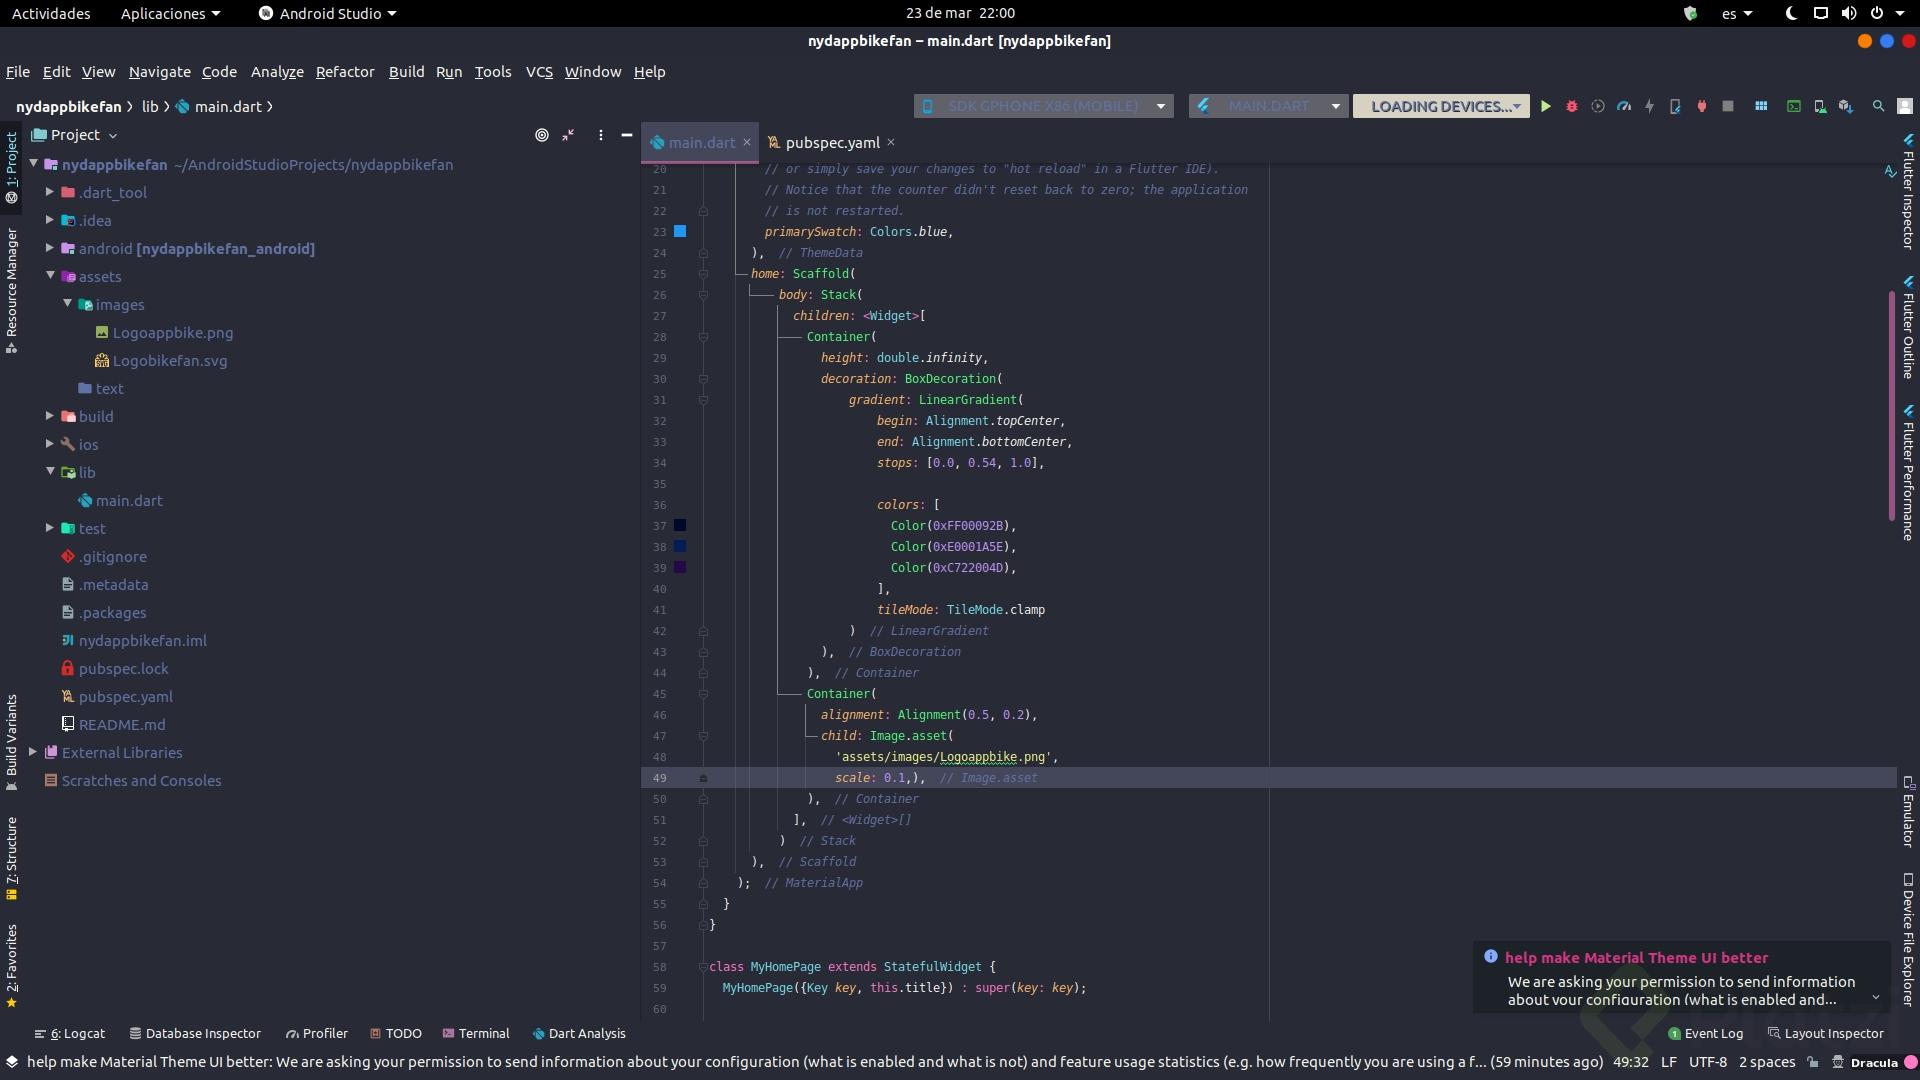 Captura de pantalla de 2021-03-23 22-00-10.png